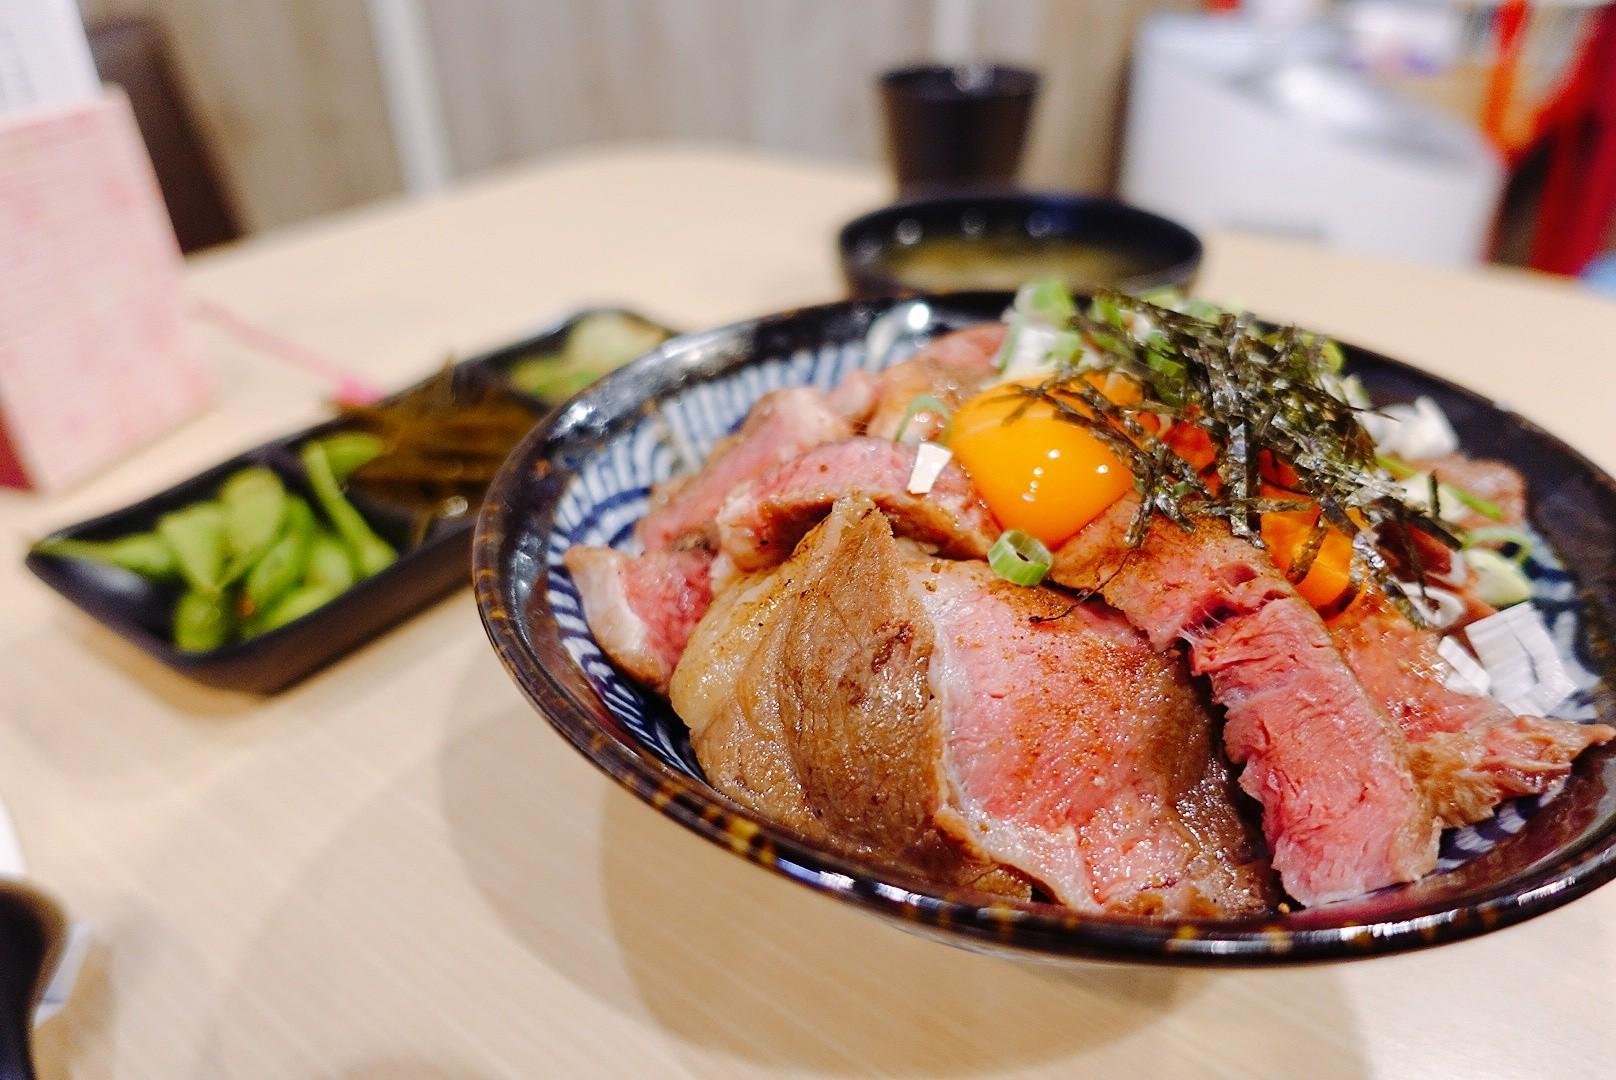 【花蓮市區】加家食堂|超軟嫩舒肥炙燒牛肉丼|平價丼飯